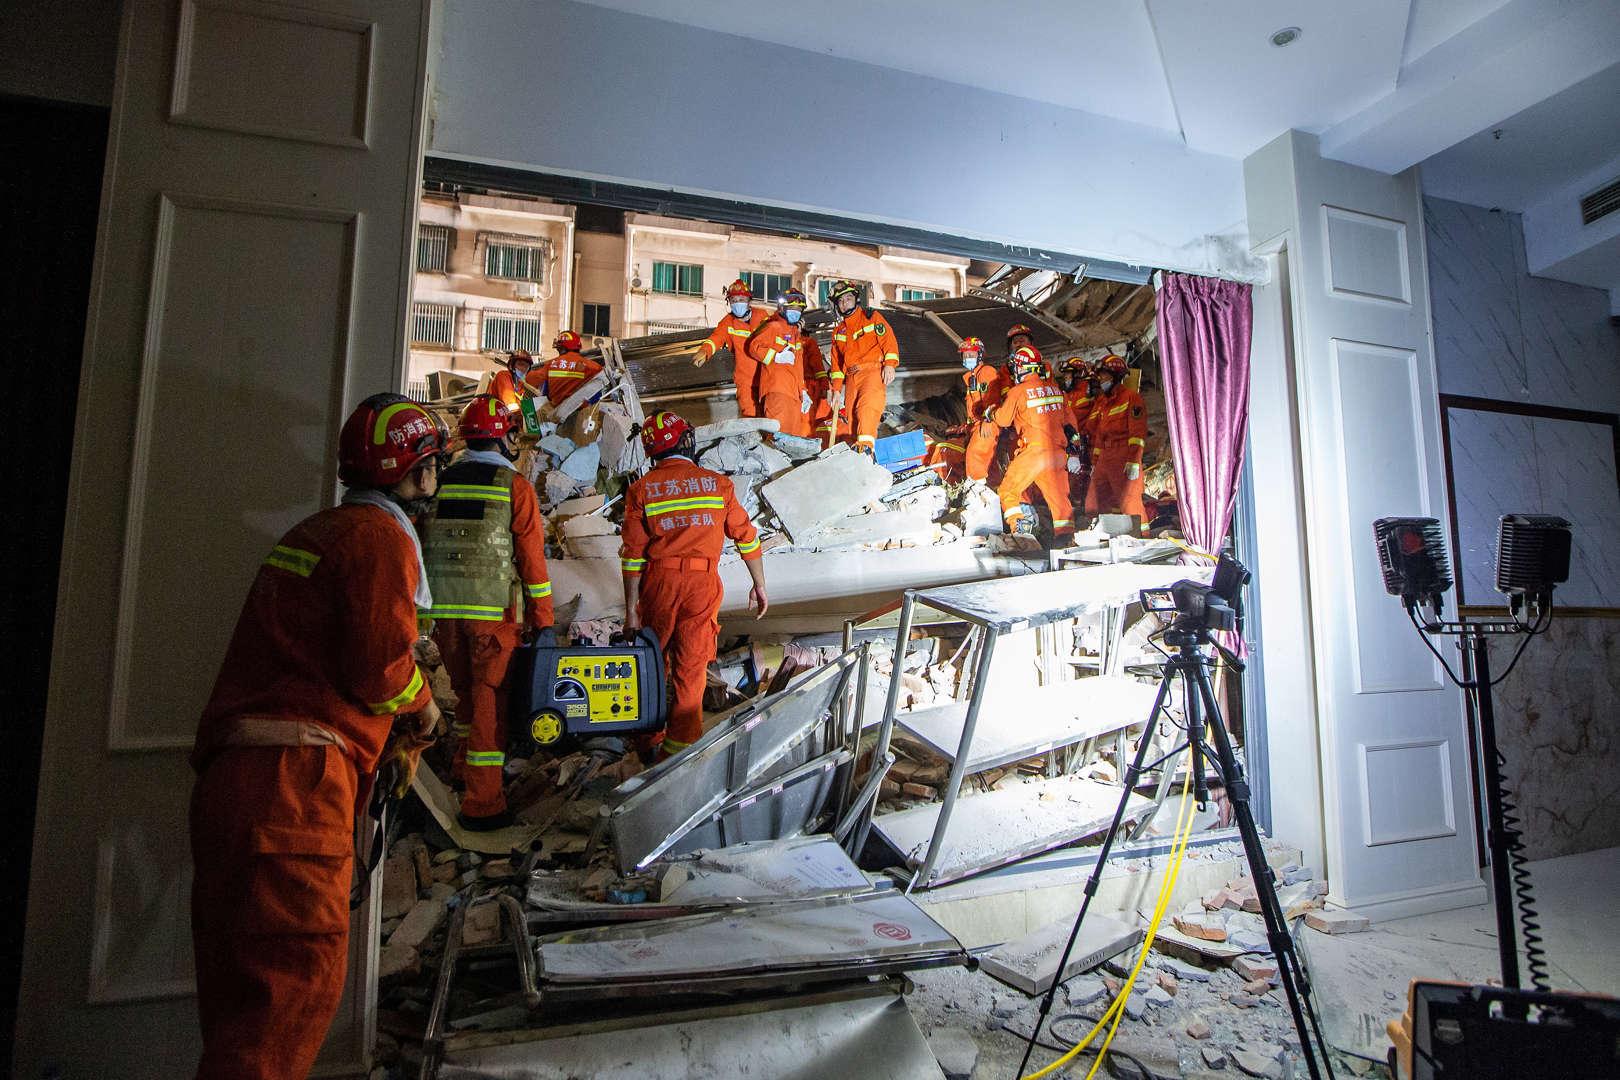 Sập khách sạn ở Trung Quốc, 17 người thiệt mạng